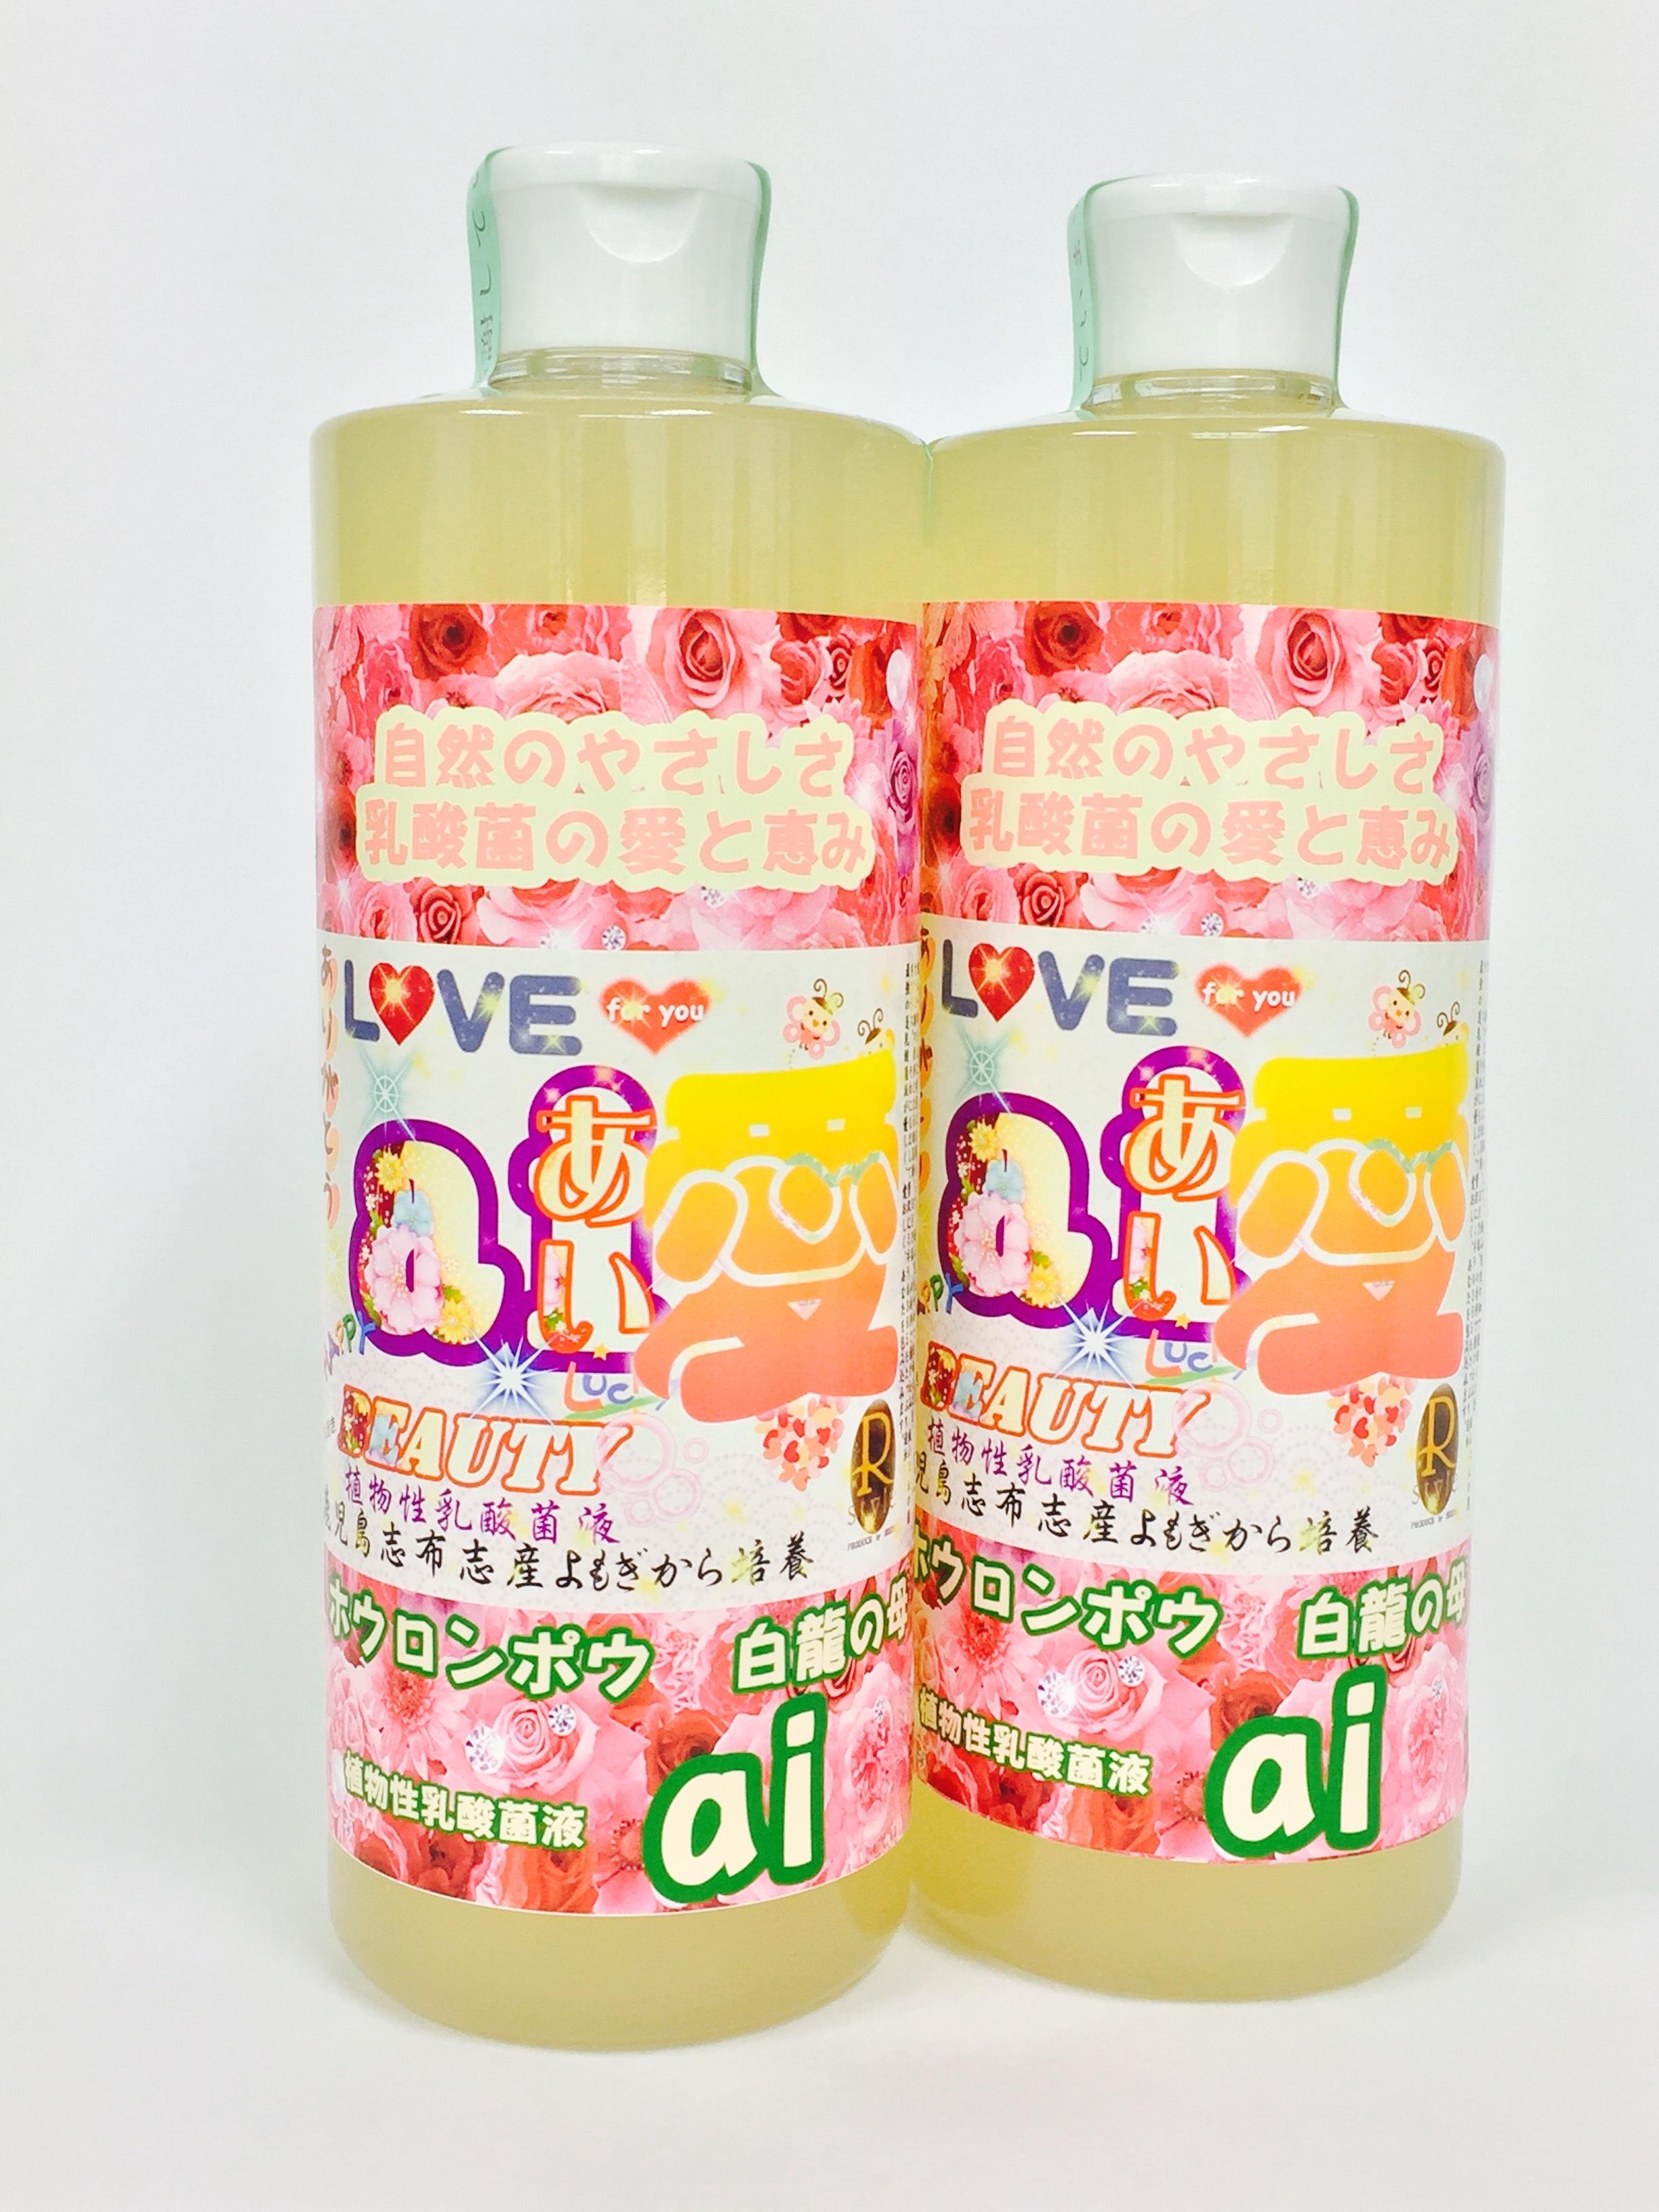 蓬乳酸菌液ai (あい)500ml*2本で1000ml 愛情価格